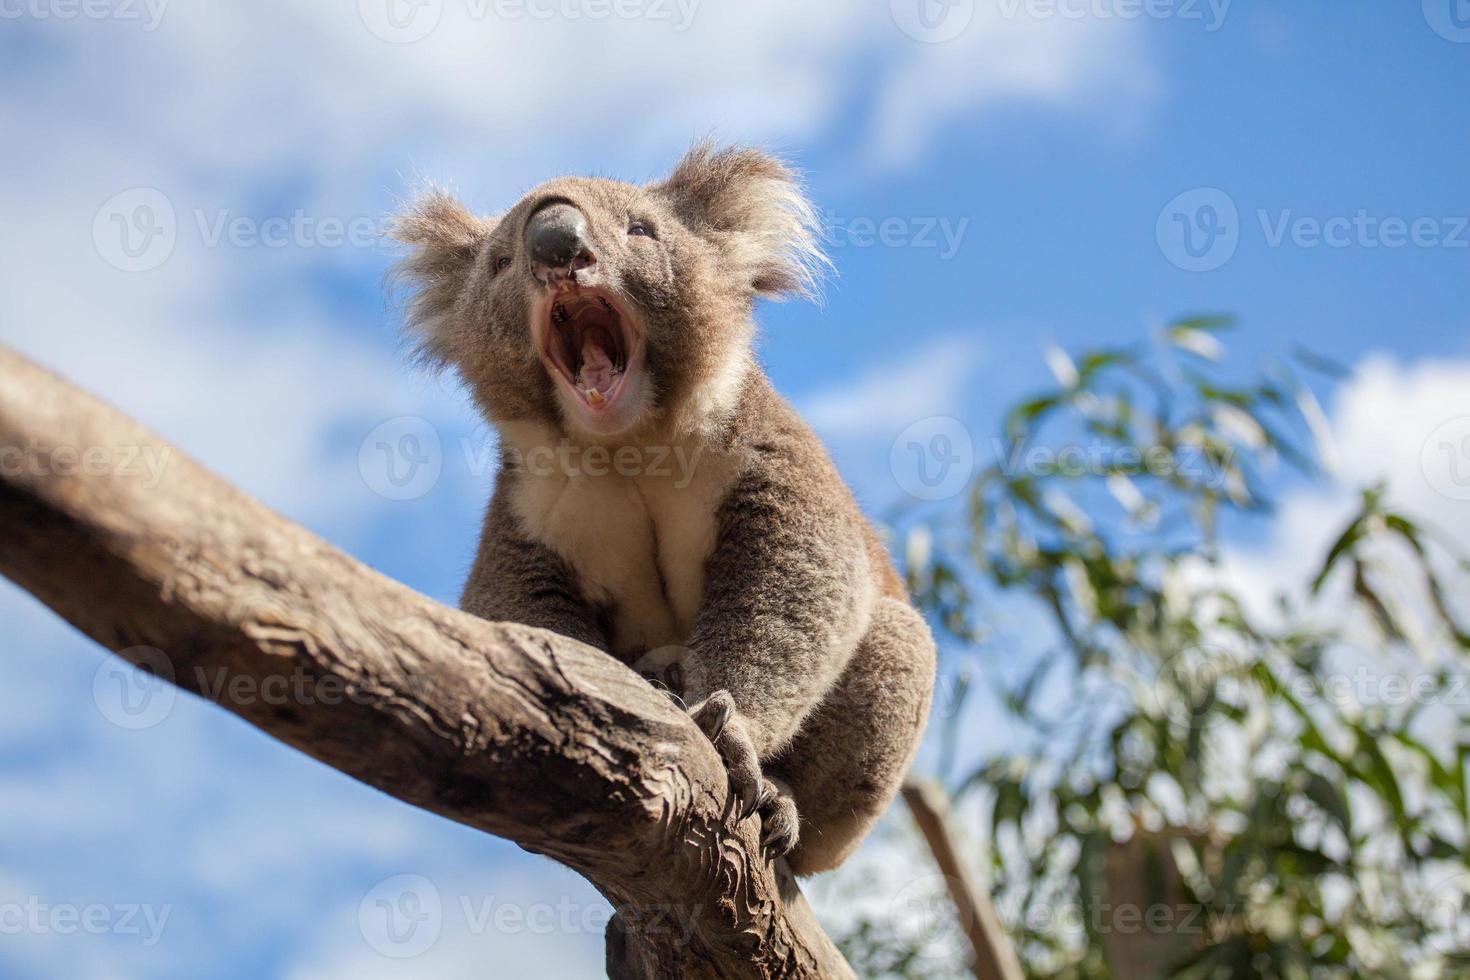 koala zitten en geeuwen op een tak. foto